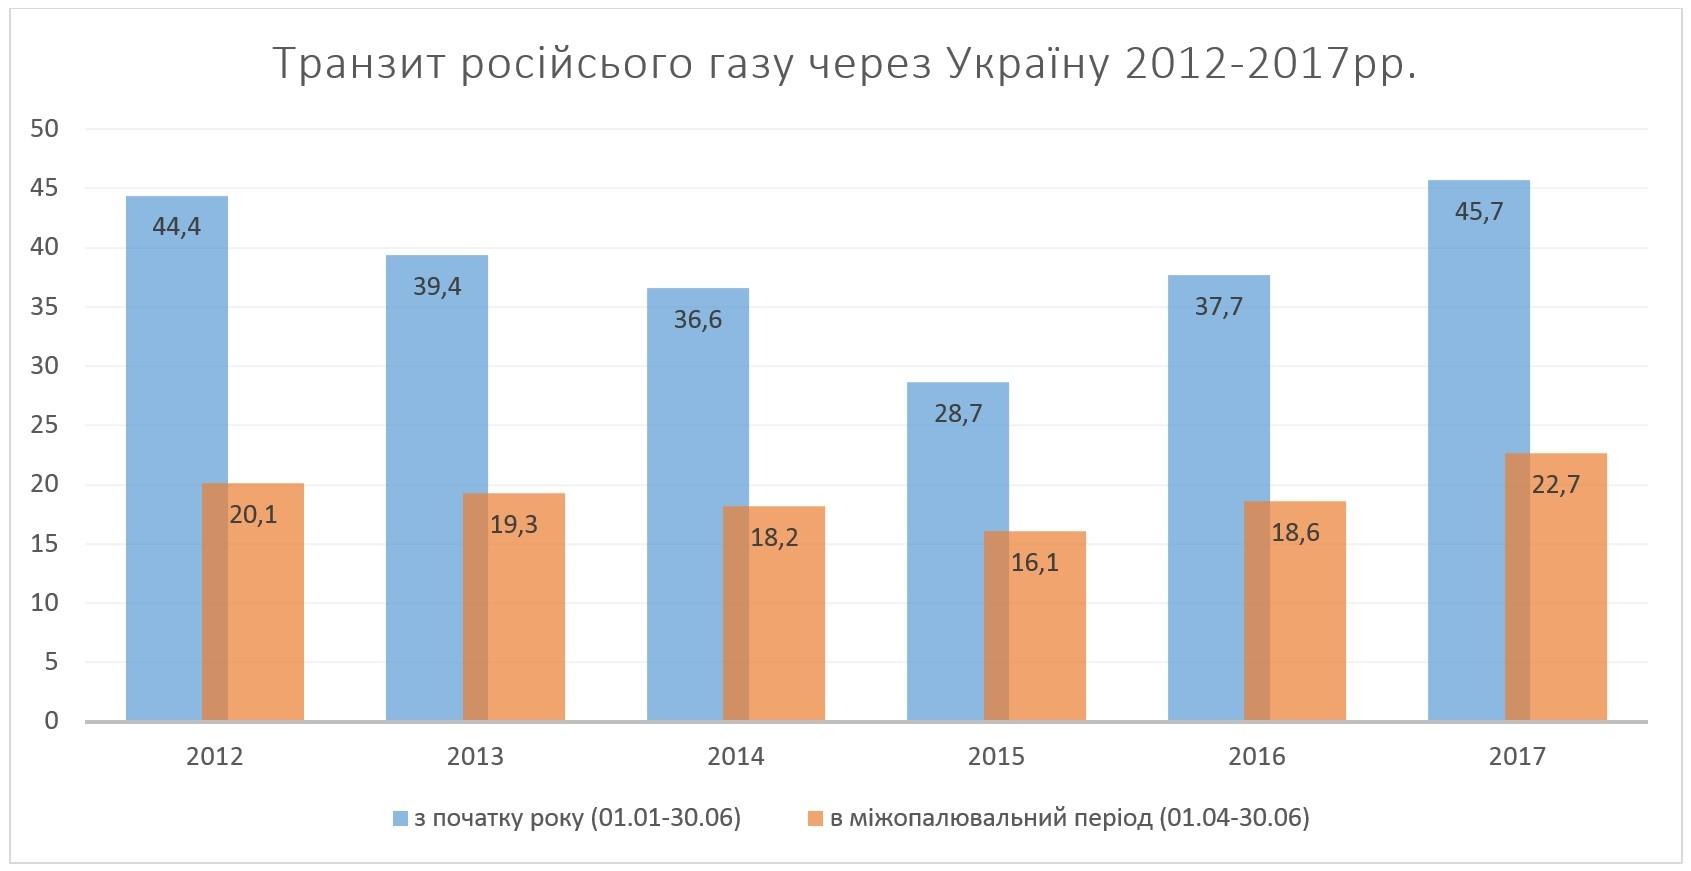 transit-2012-2017